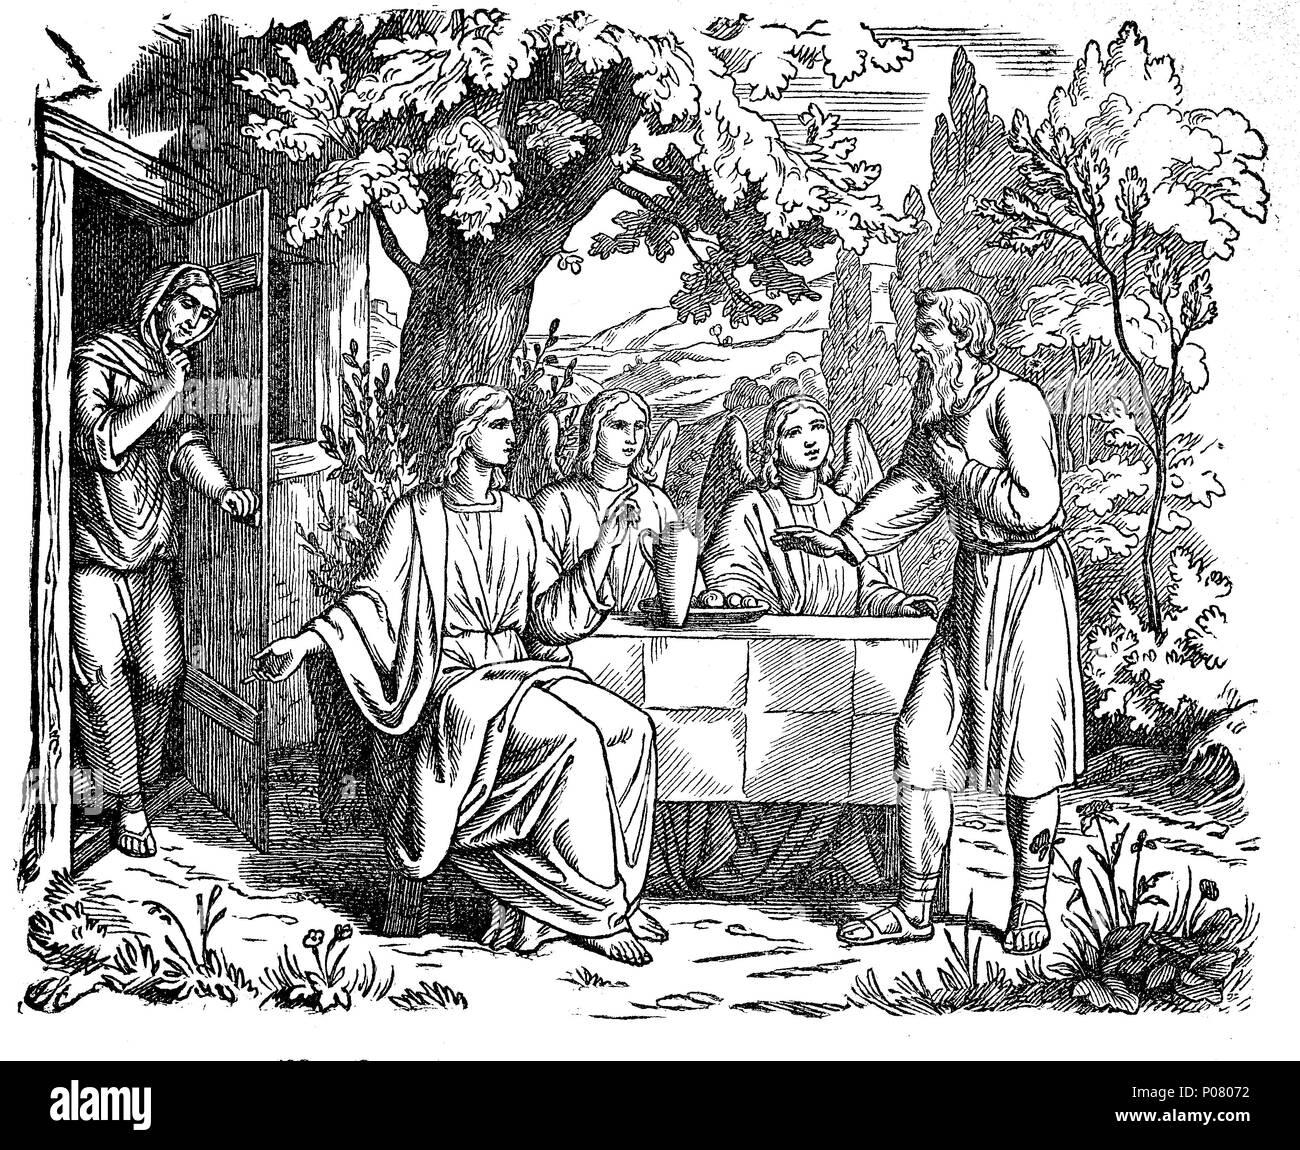 Abramo di ospitalità e di intercessione, Abrahams Gastfreundschaft und Fürbitte, digitale migliorata la riproduzione di un originale stampa da l'anno 1881 Immagini Stock